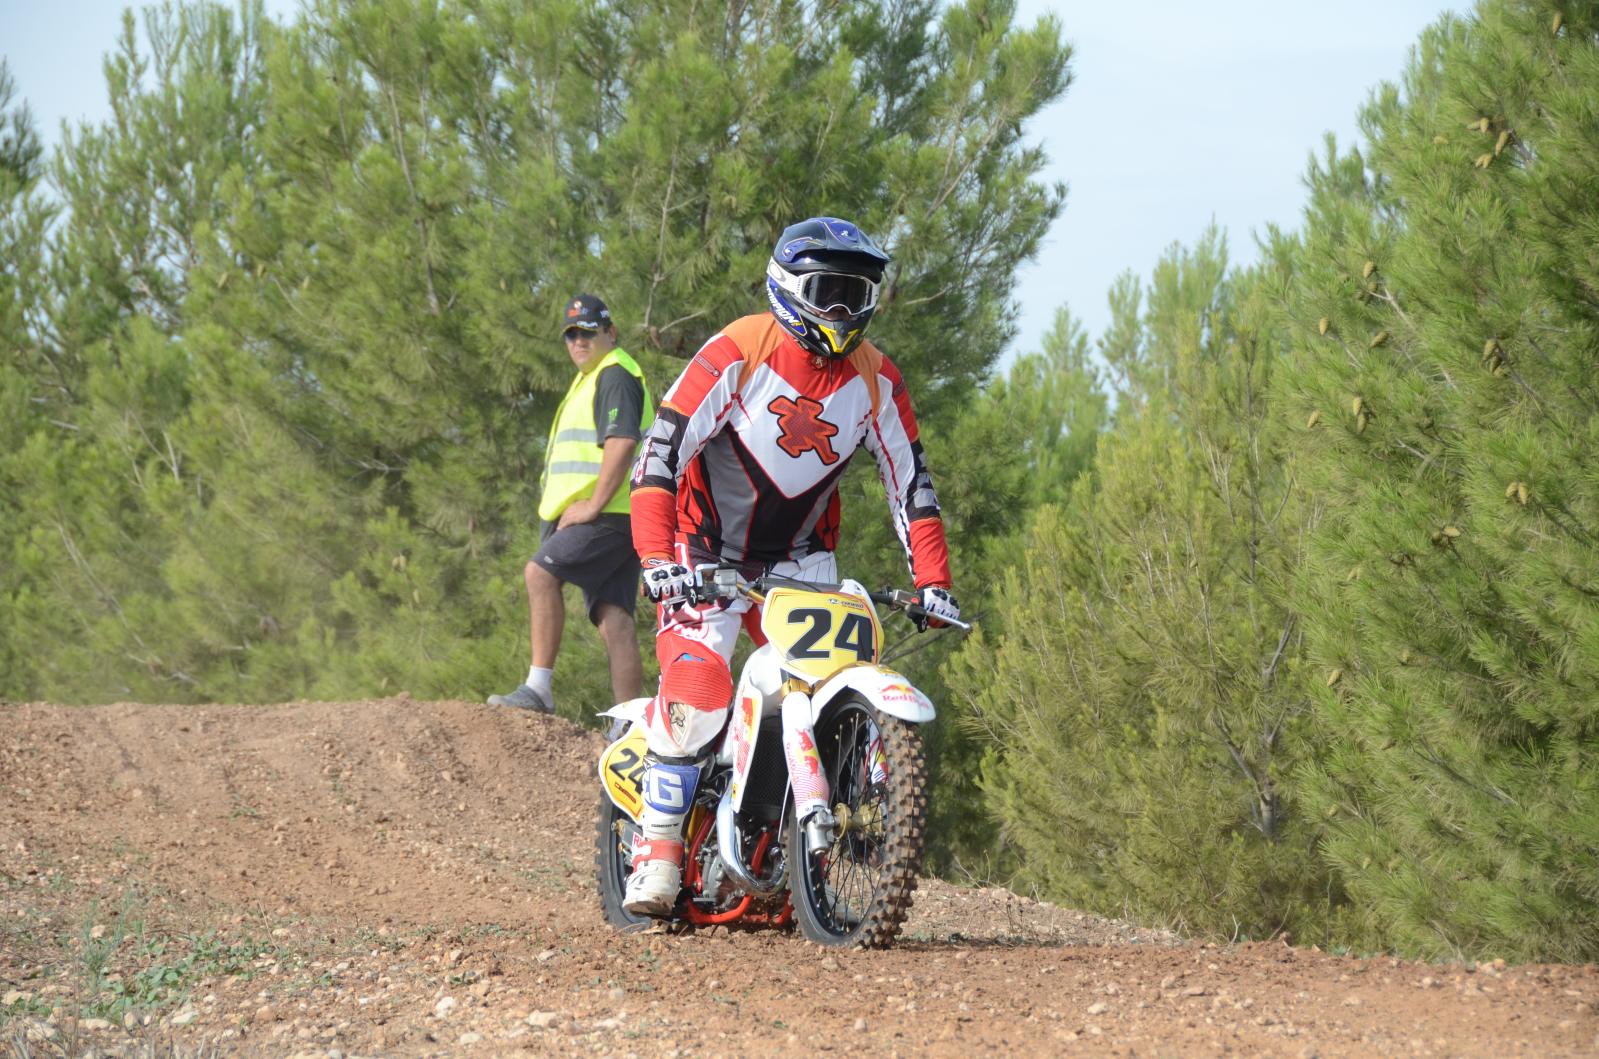 Quedada Motocross 50/80cc Elche 2e196hj